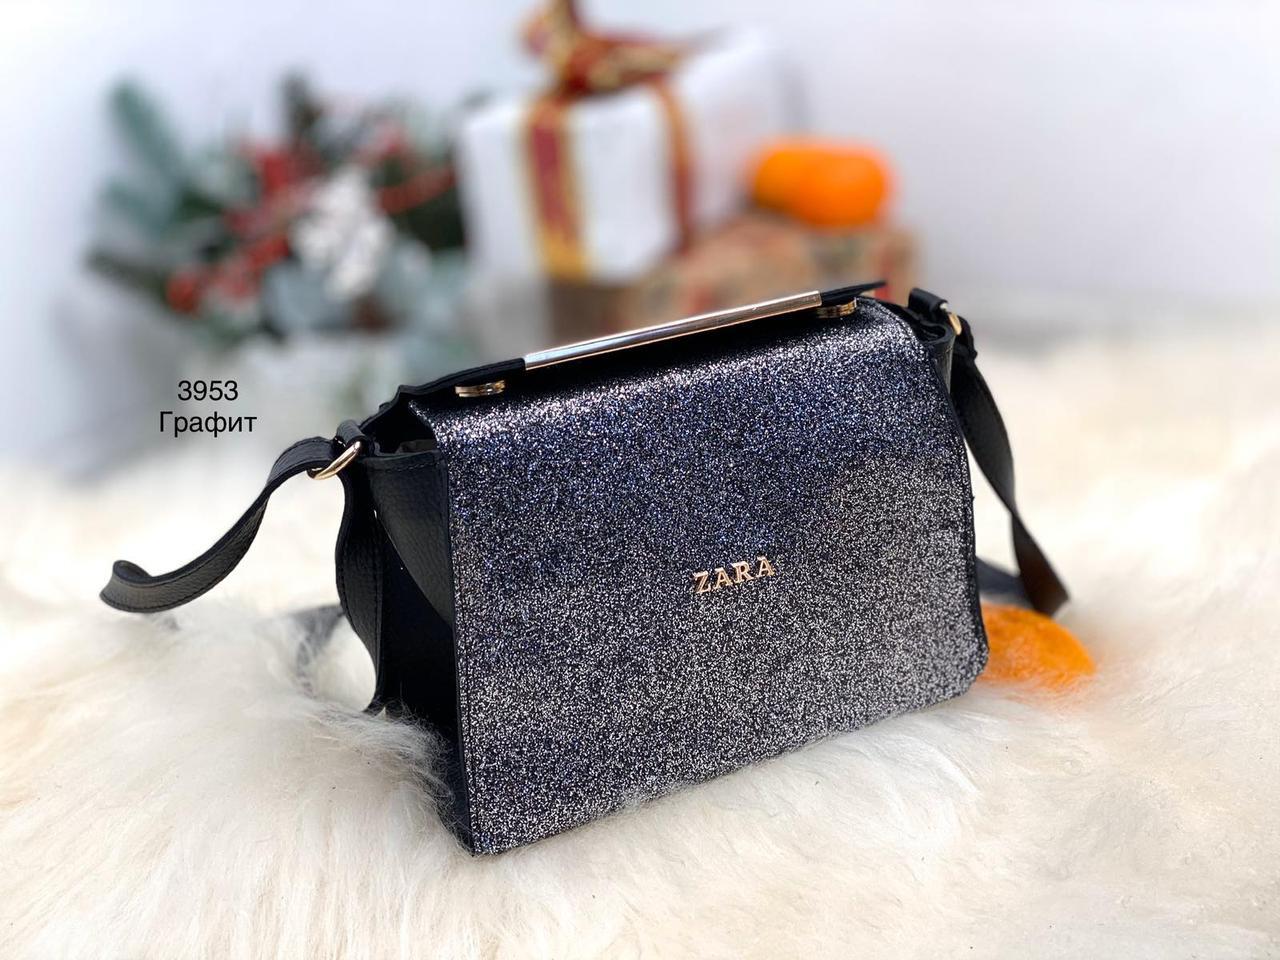 Черная маленькая женская сумочка через плечо блестящая небольшая брендовая сумка блеск кожзам